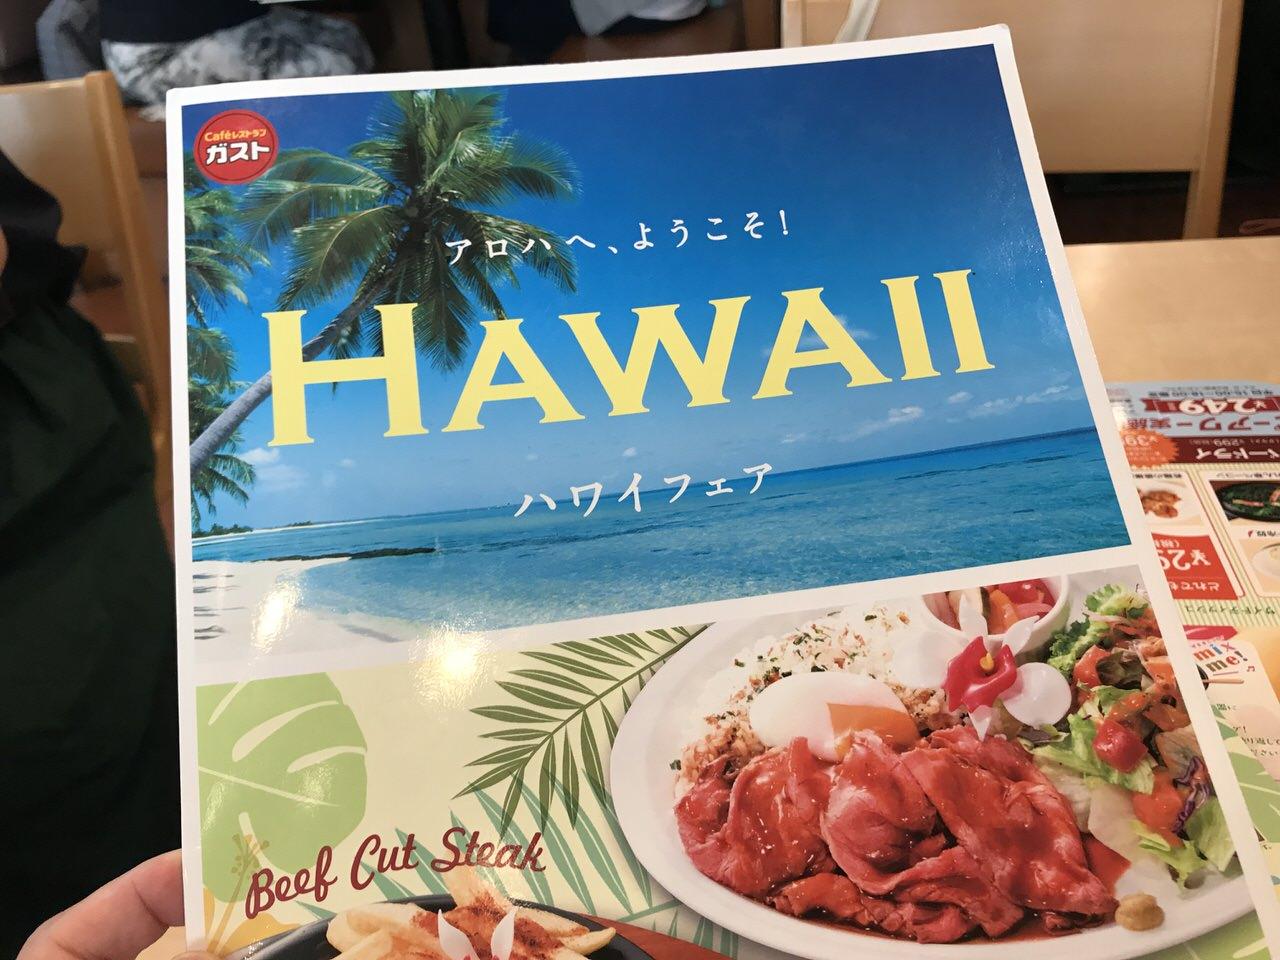 Hawaii 4546